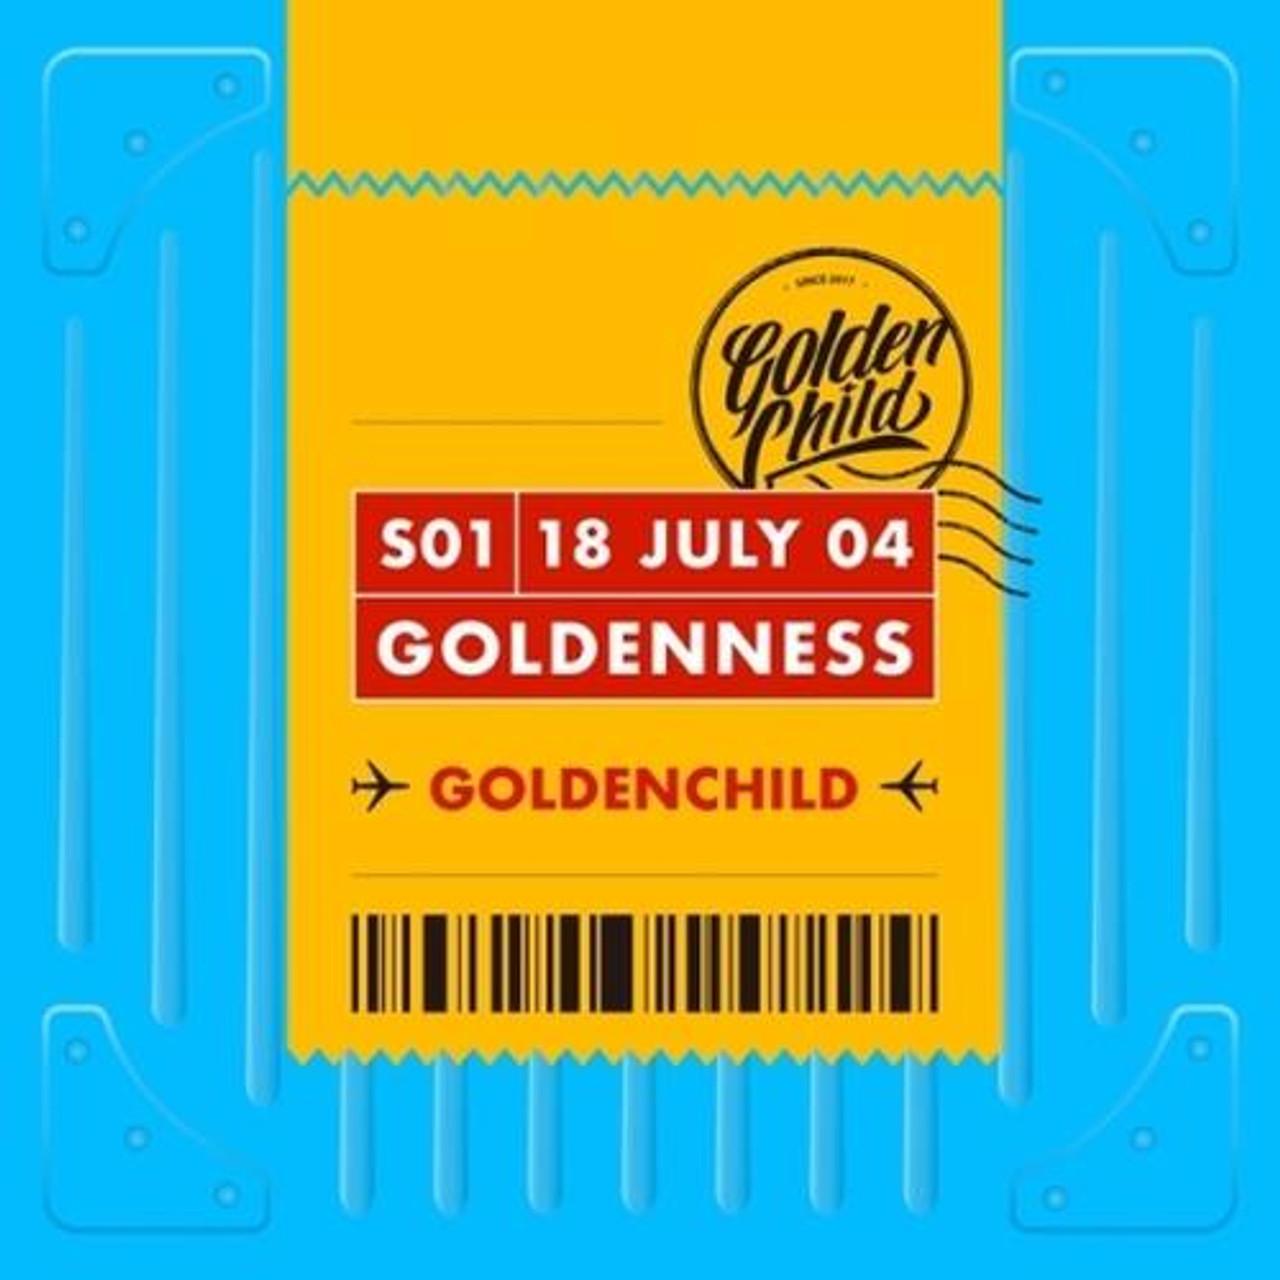 Golden Child - 1st Single  [Goldenness] B ver.